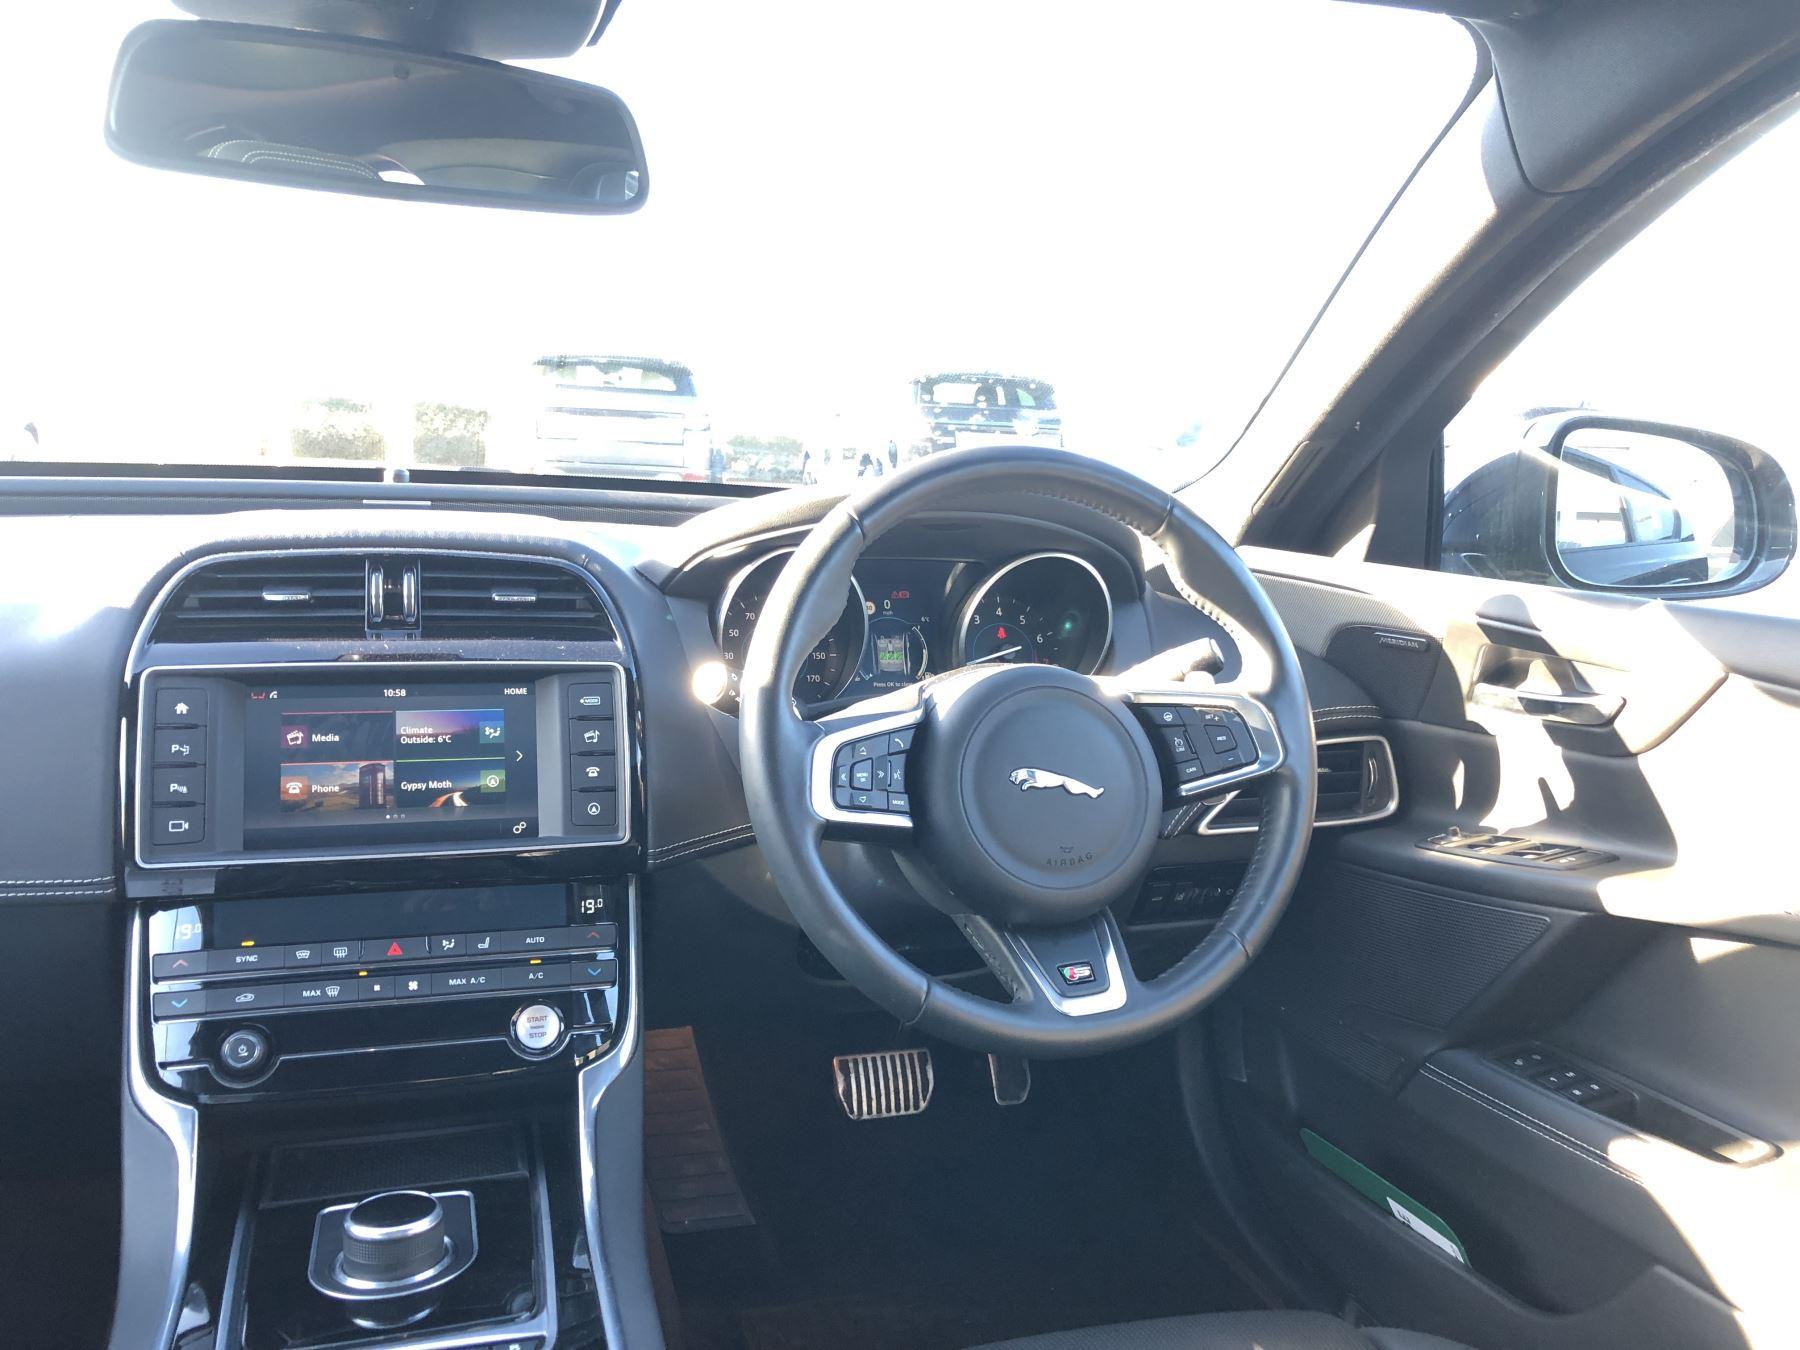 Jaguar XE 3.0 [380] V6 Supercharged S image 20